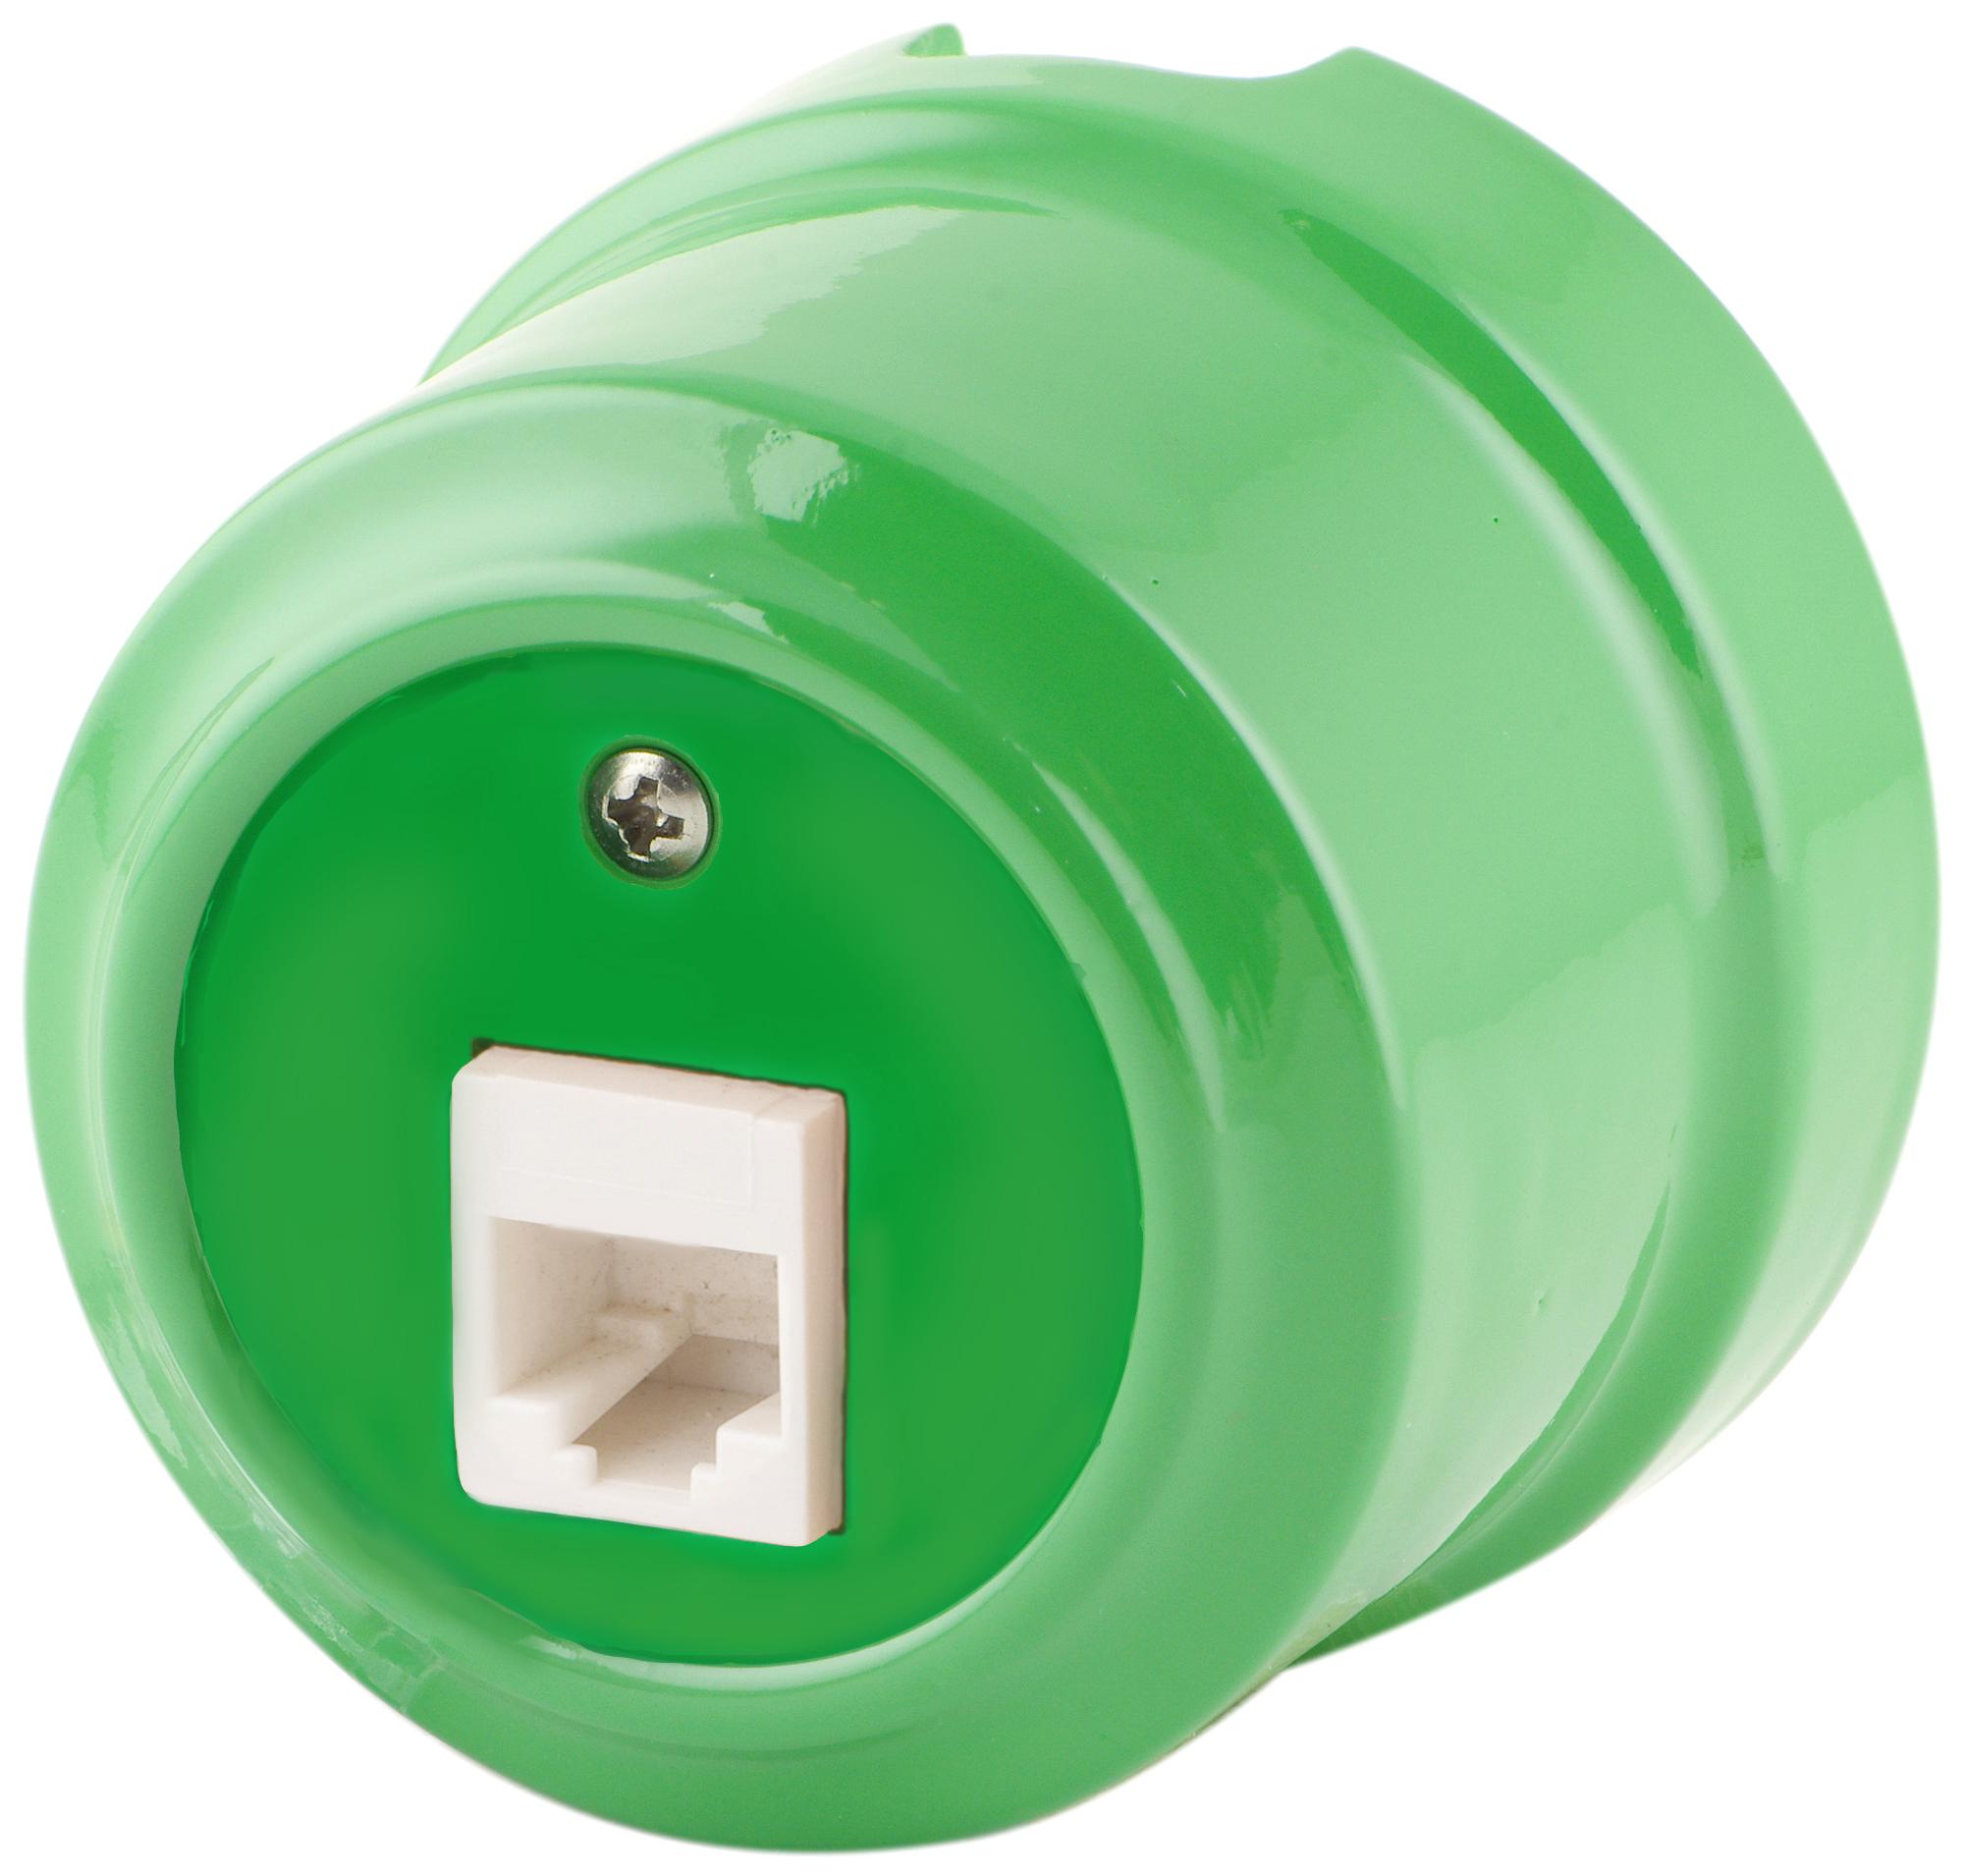 Розетка RJ-45 Lindas 320-З, цвет зеленый